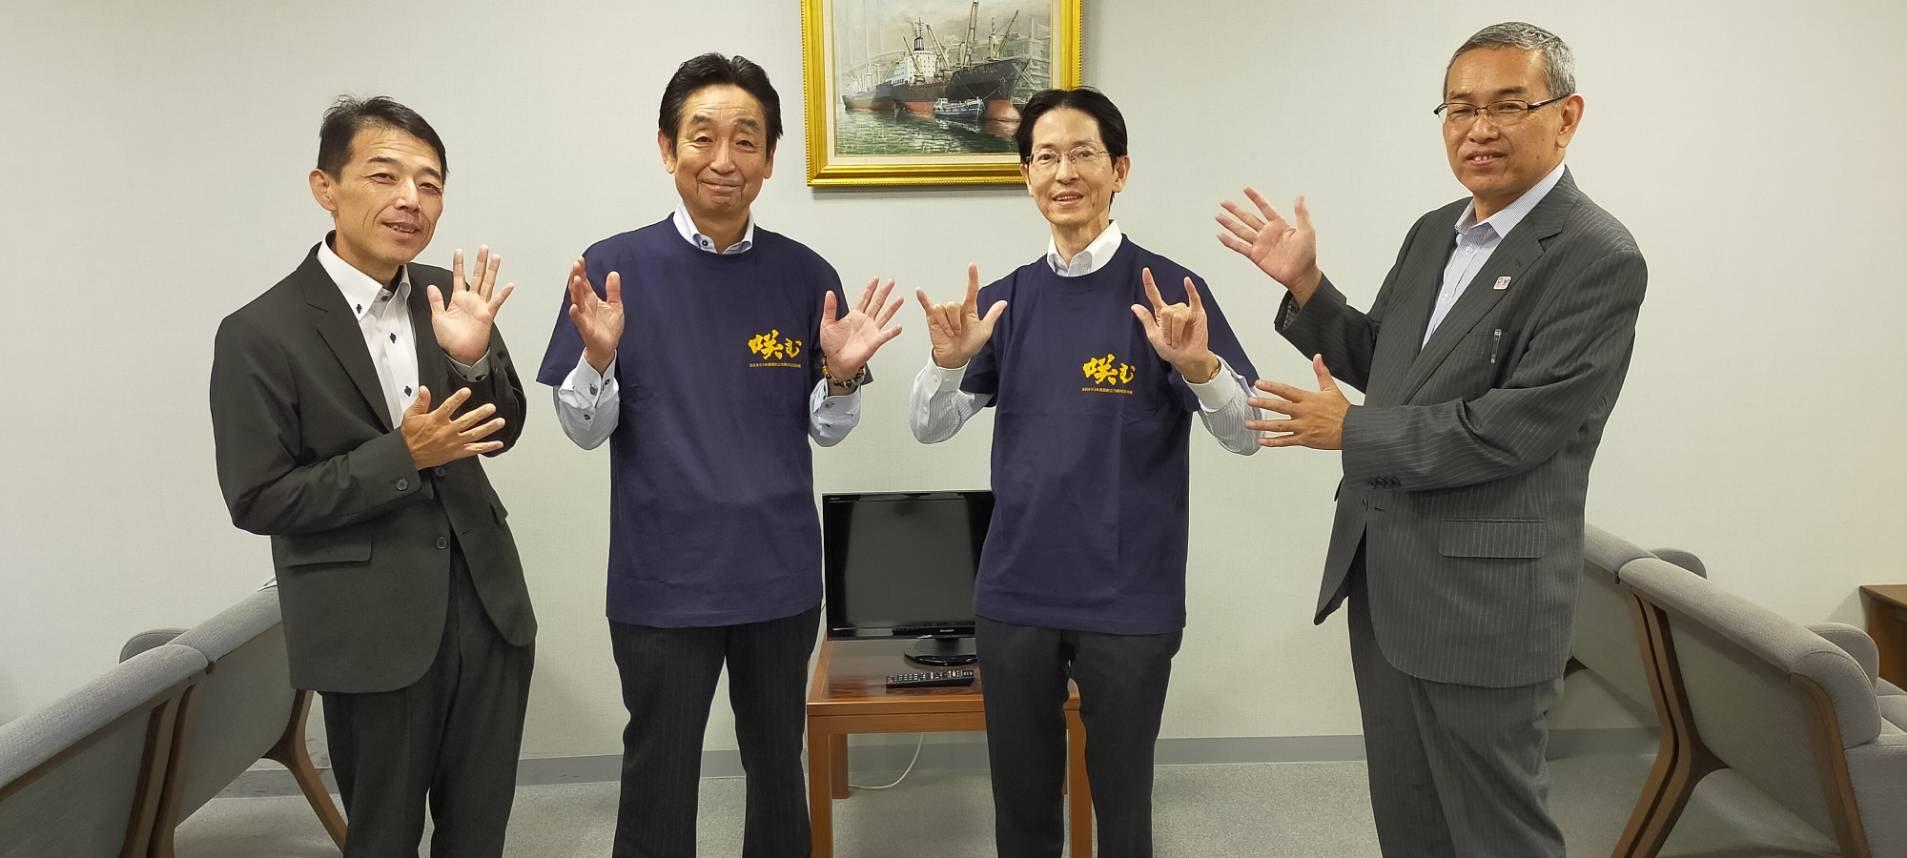 神奈川県議会自民党神奈川県支部連合会、神奈川県議会ユニバーサルスポーツ振興議員連盟を訪問しました!